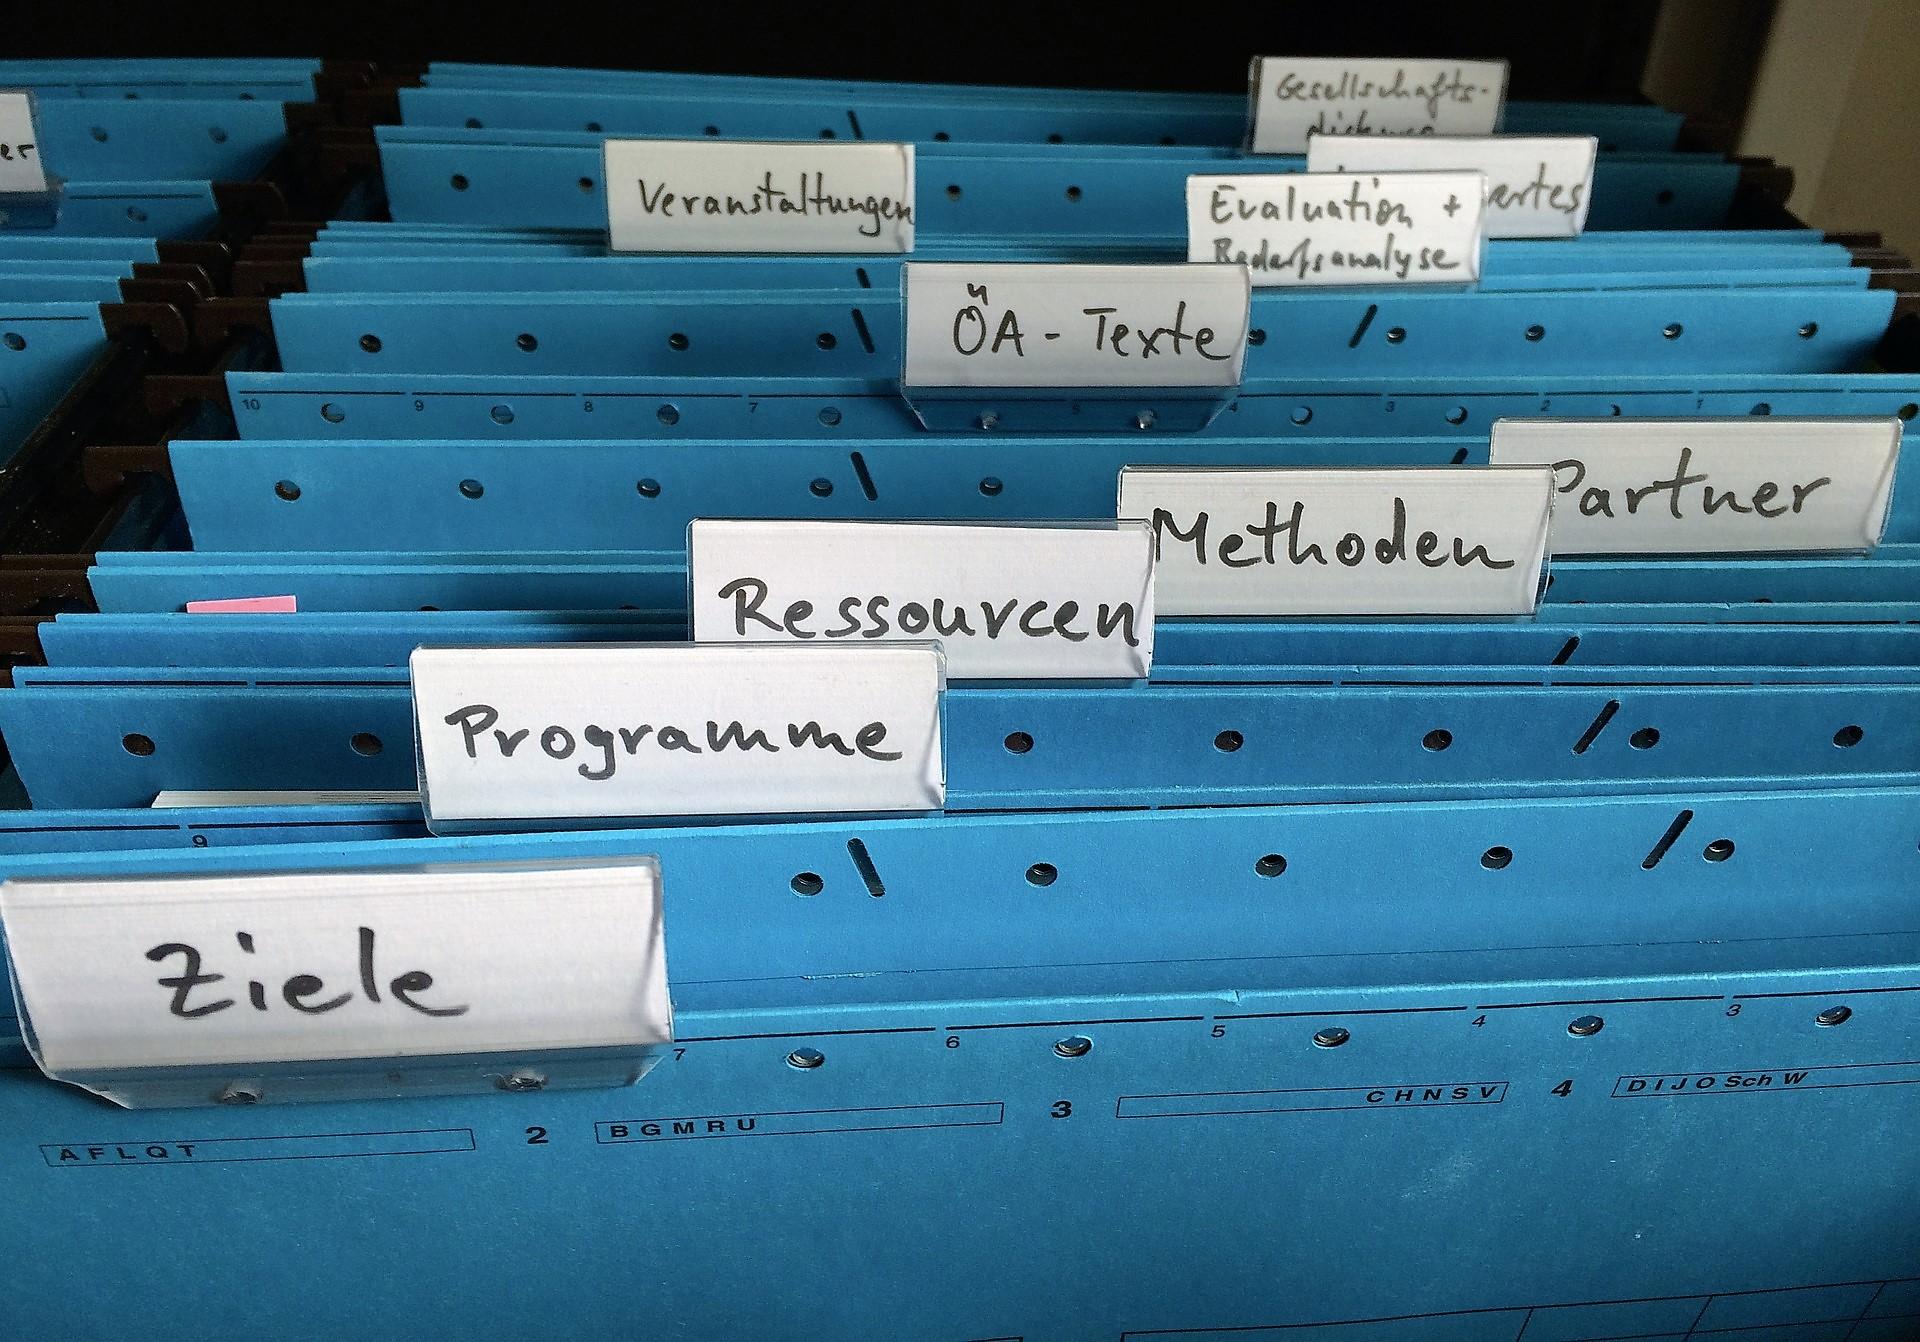 Archivujete_main